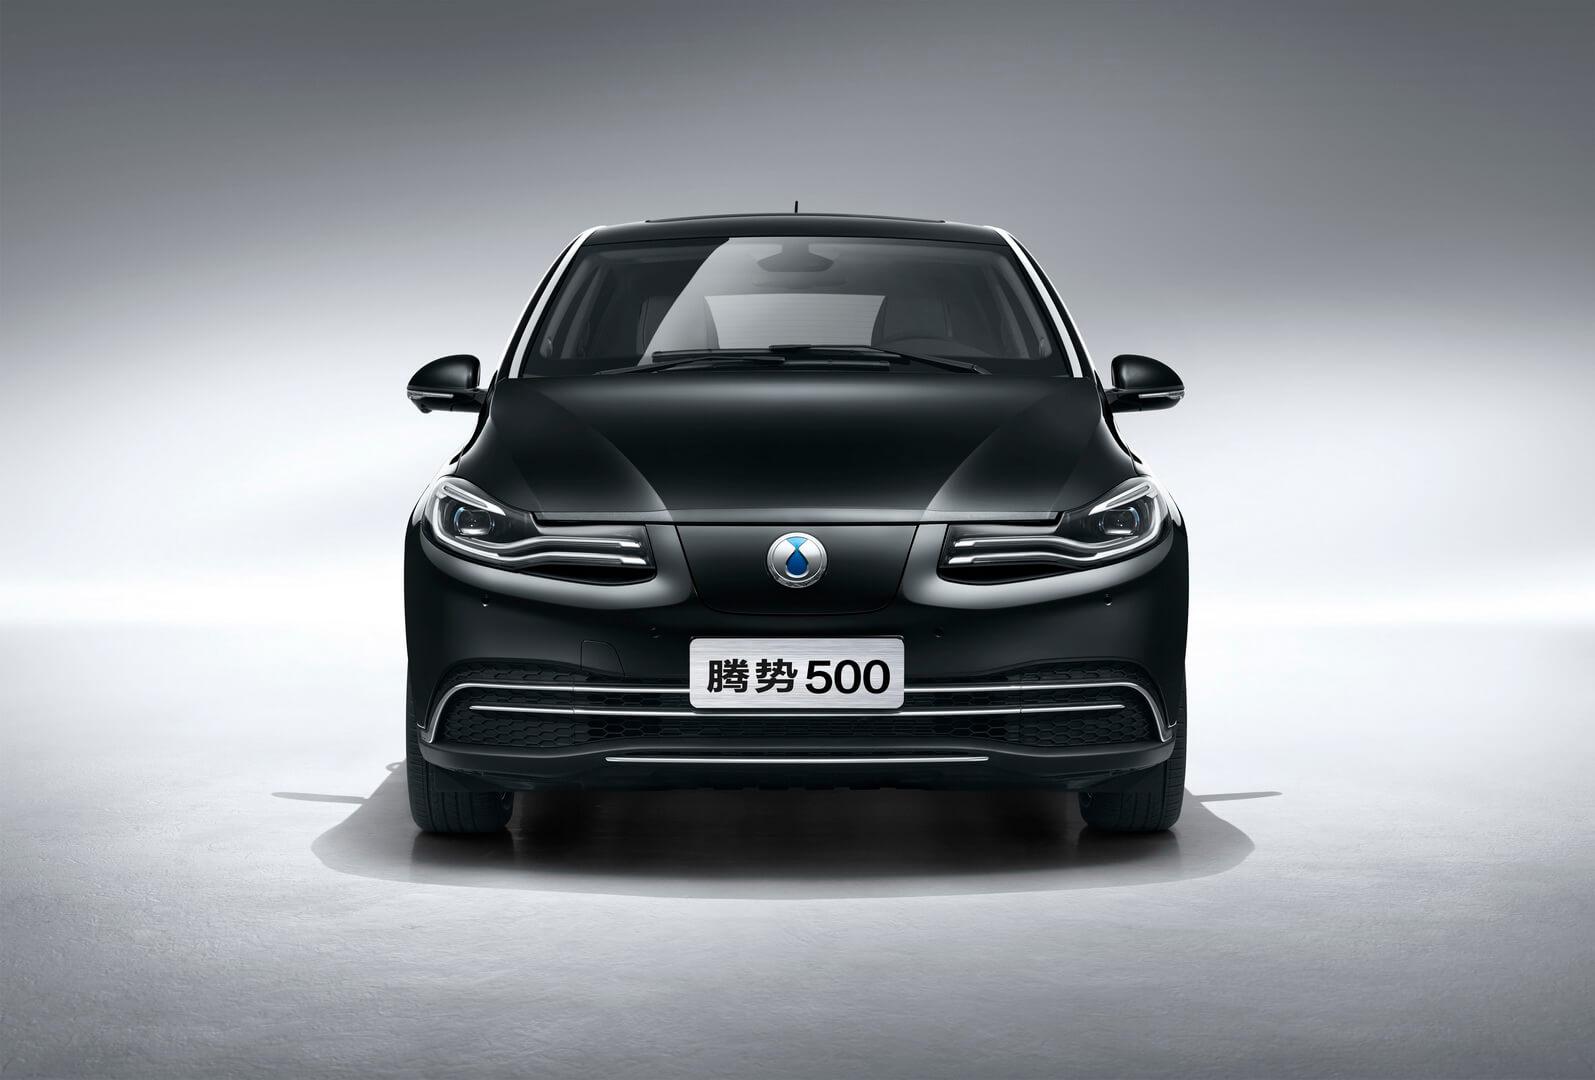 Электромобиль Denza 500 для китайского рынка